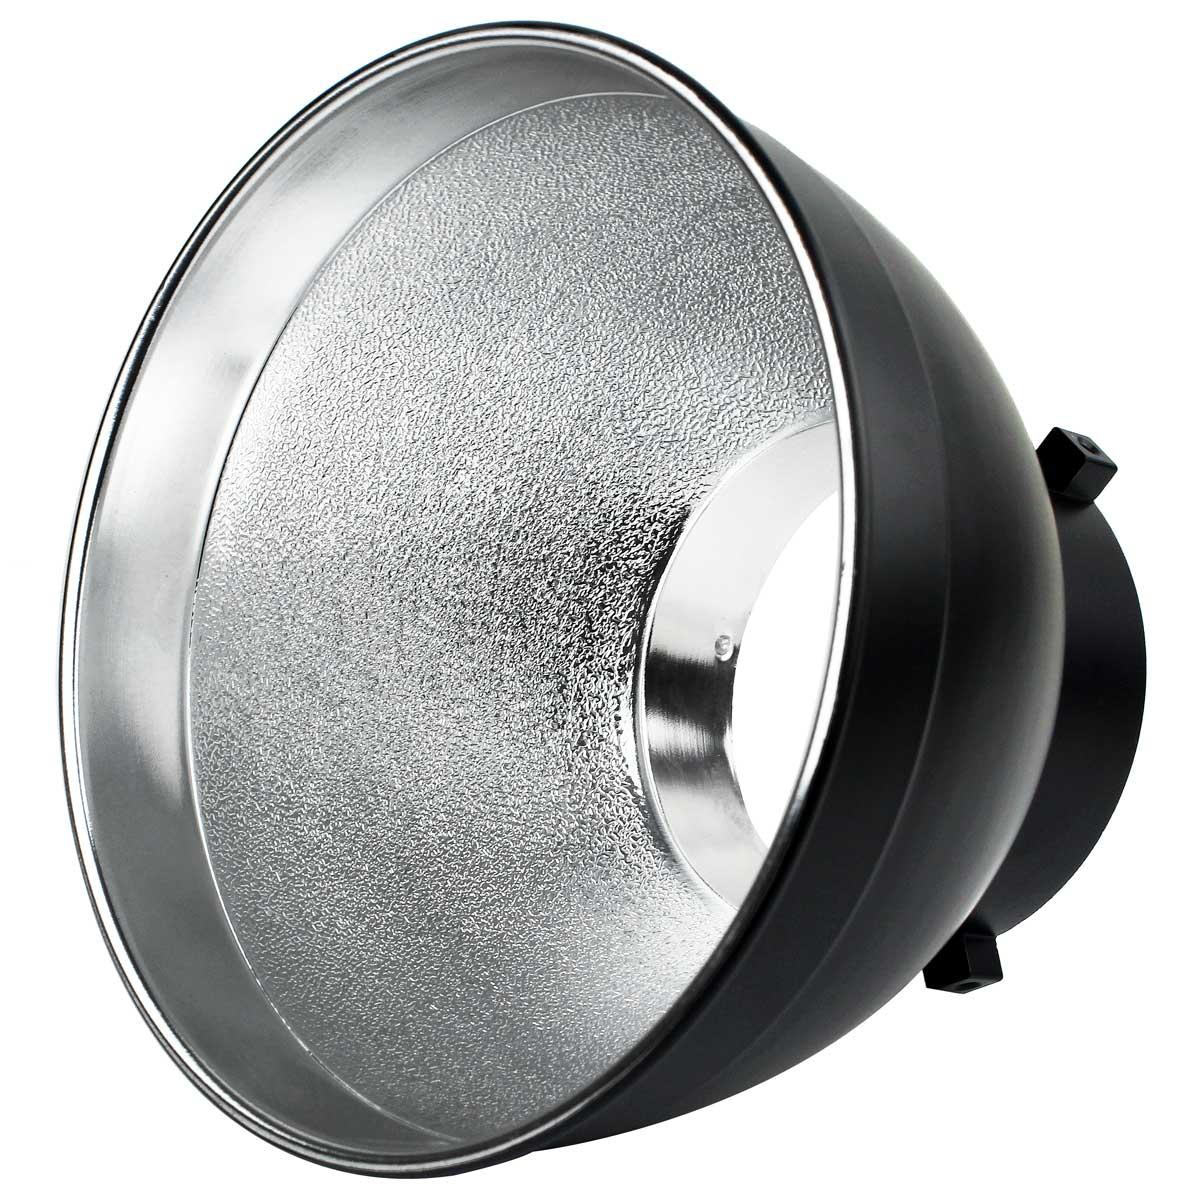 Bowens Reflector Dish